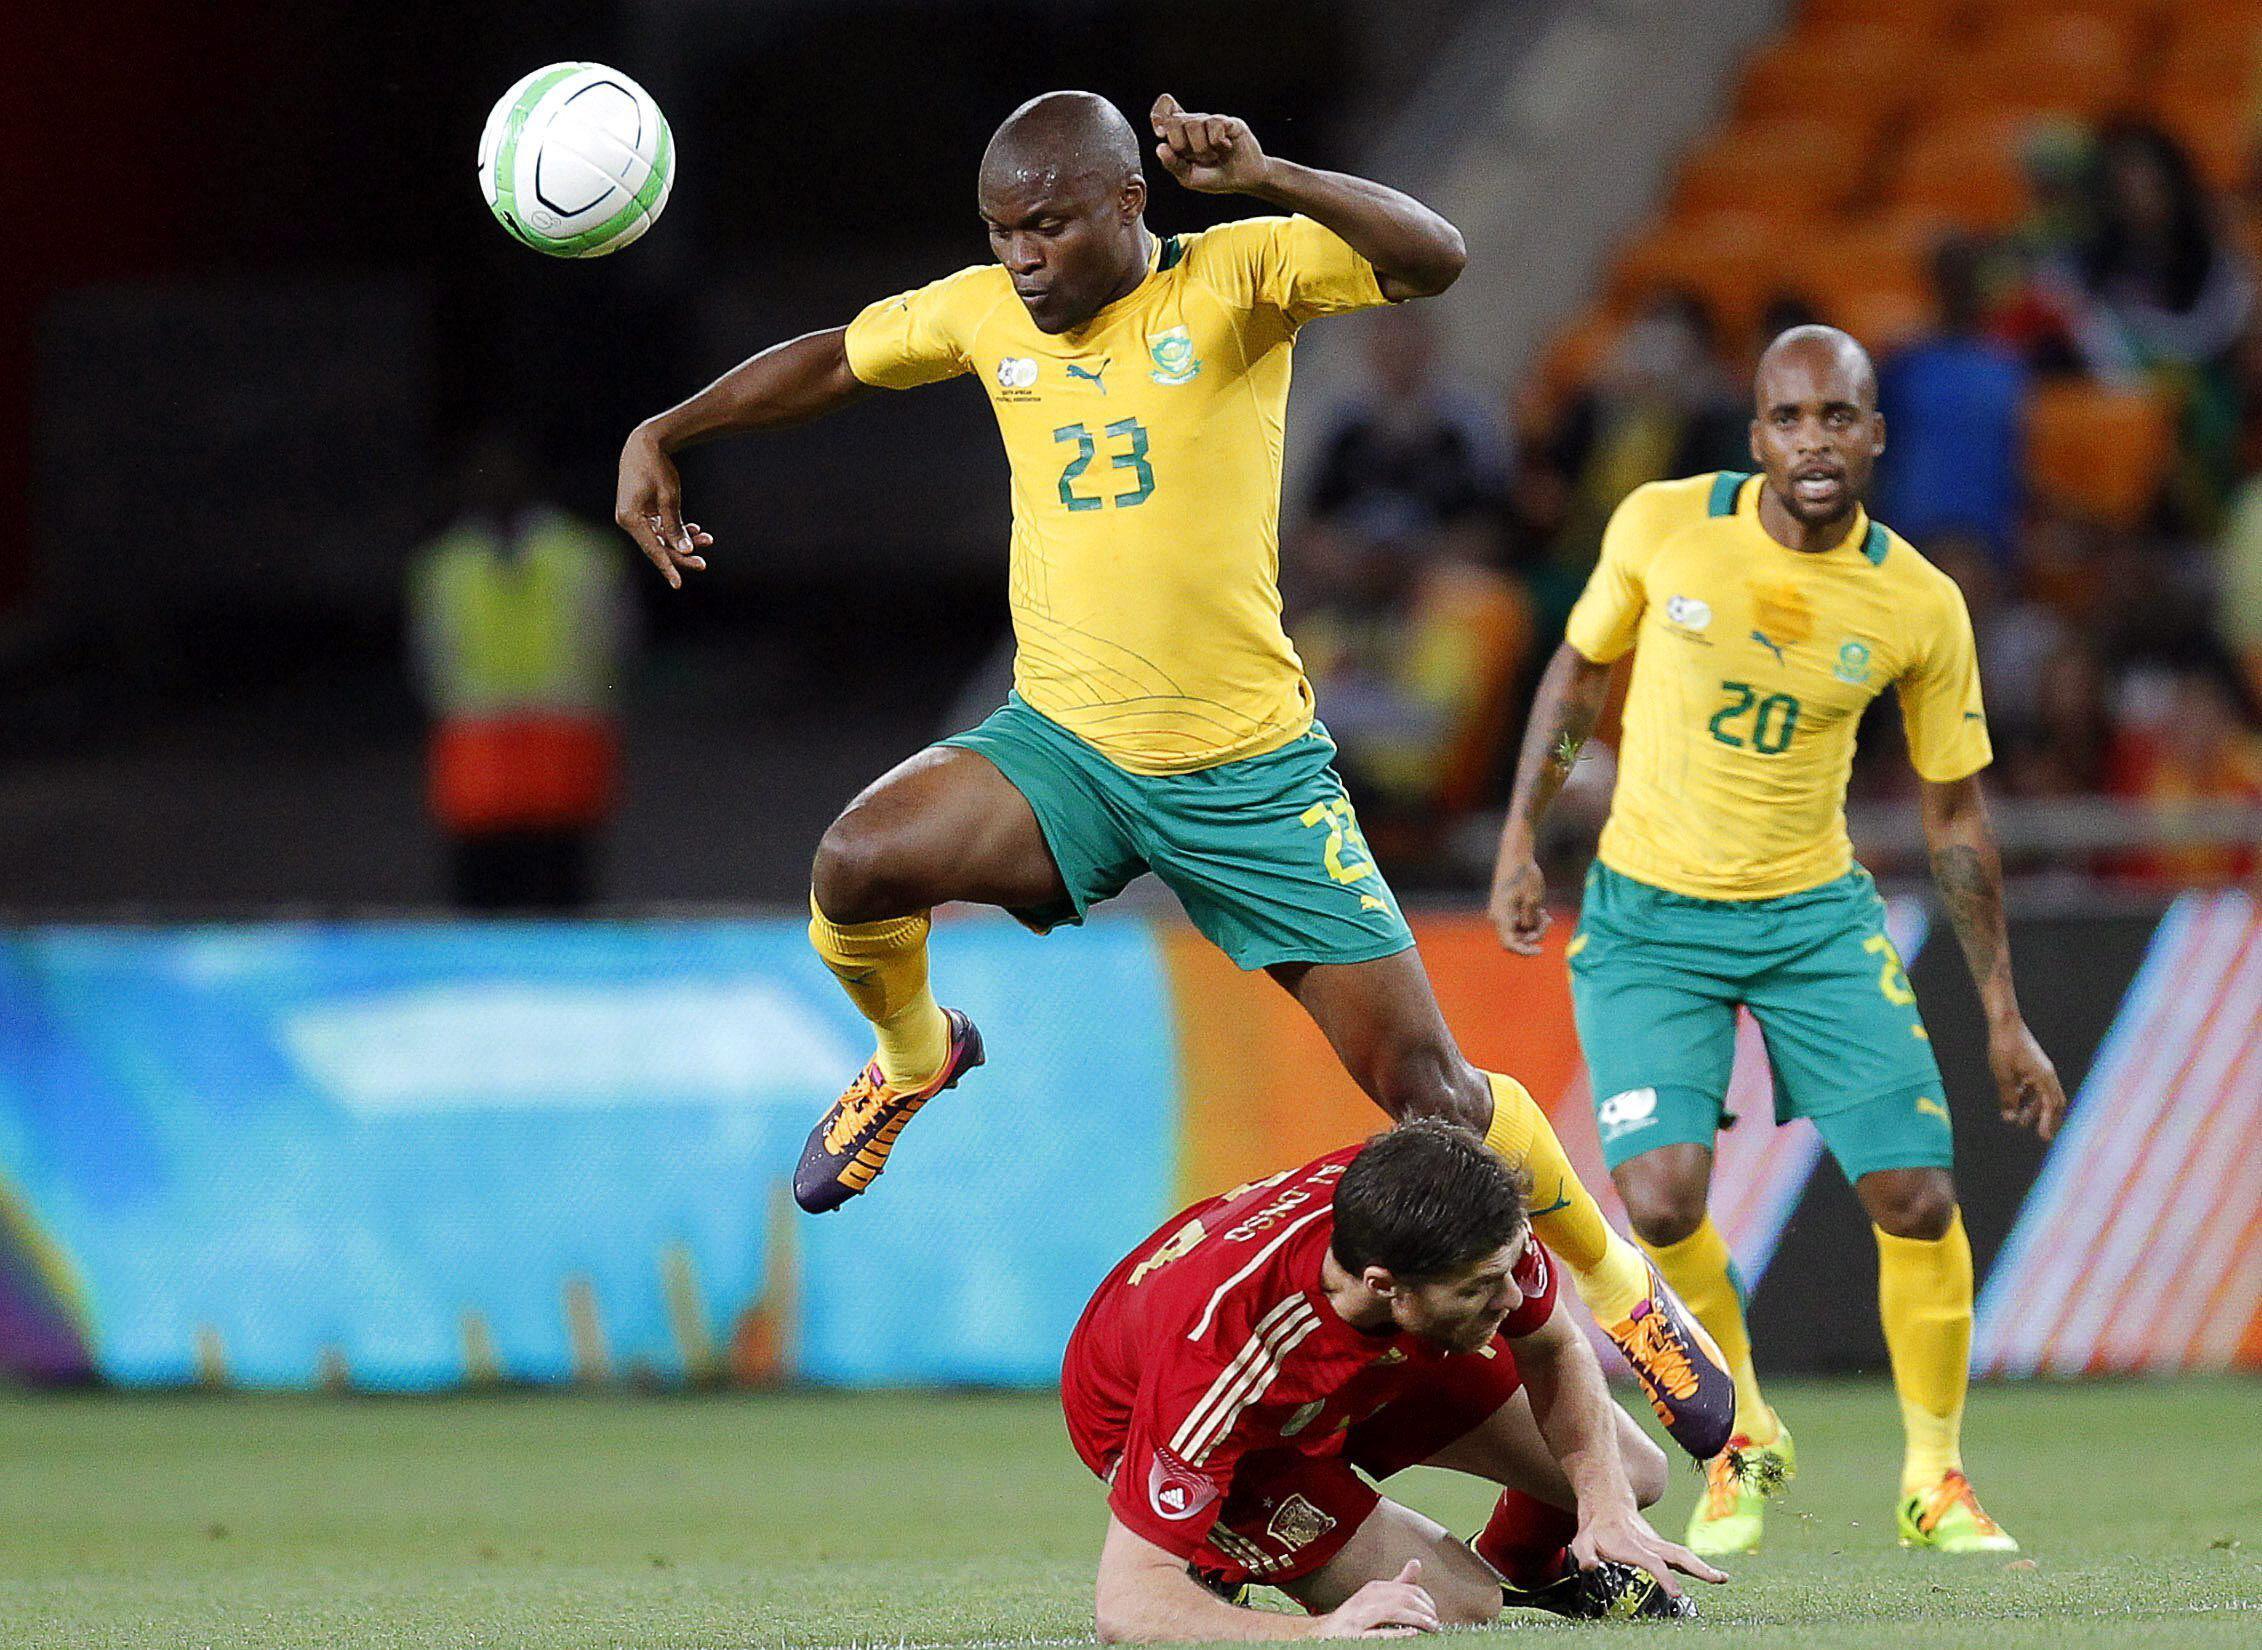 La FIFA anula los puntos del Sudáfrica-España por superarse el límite de cambios